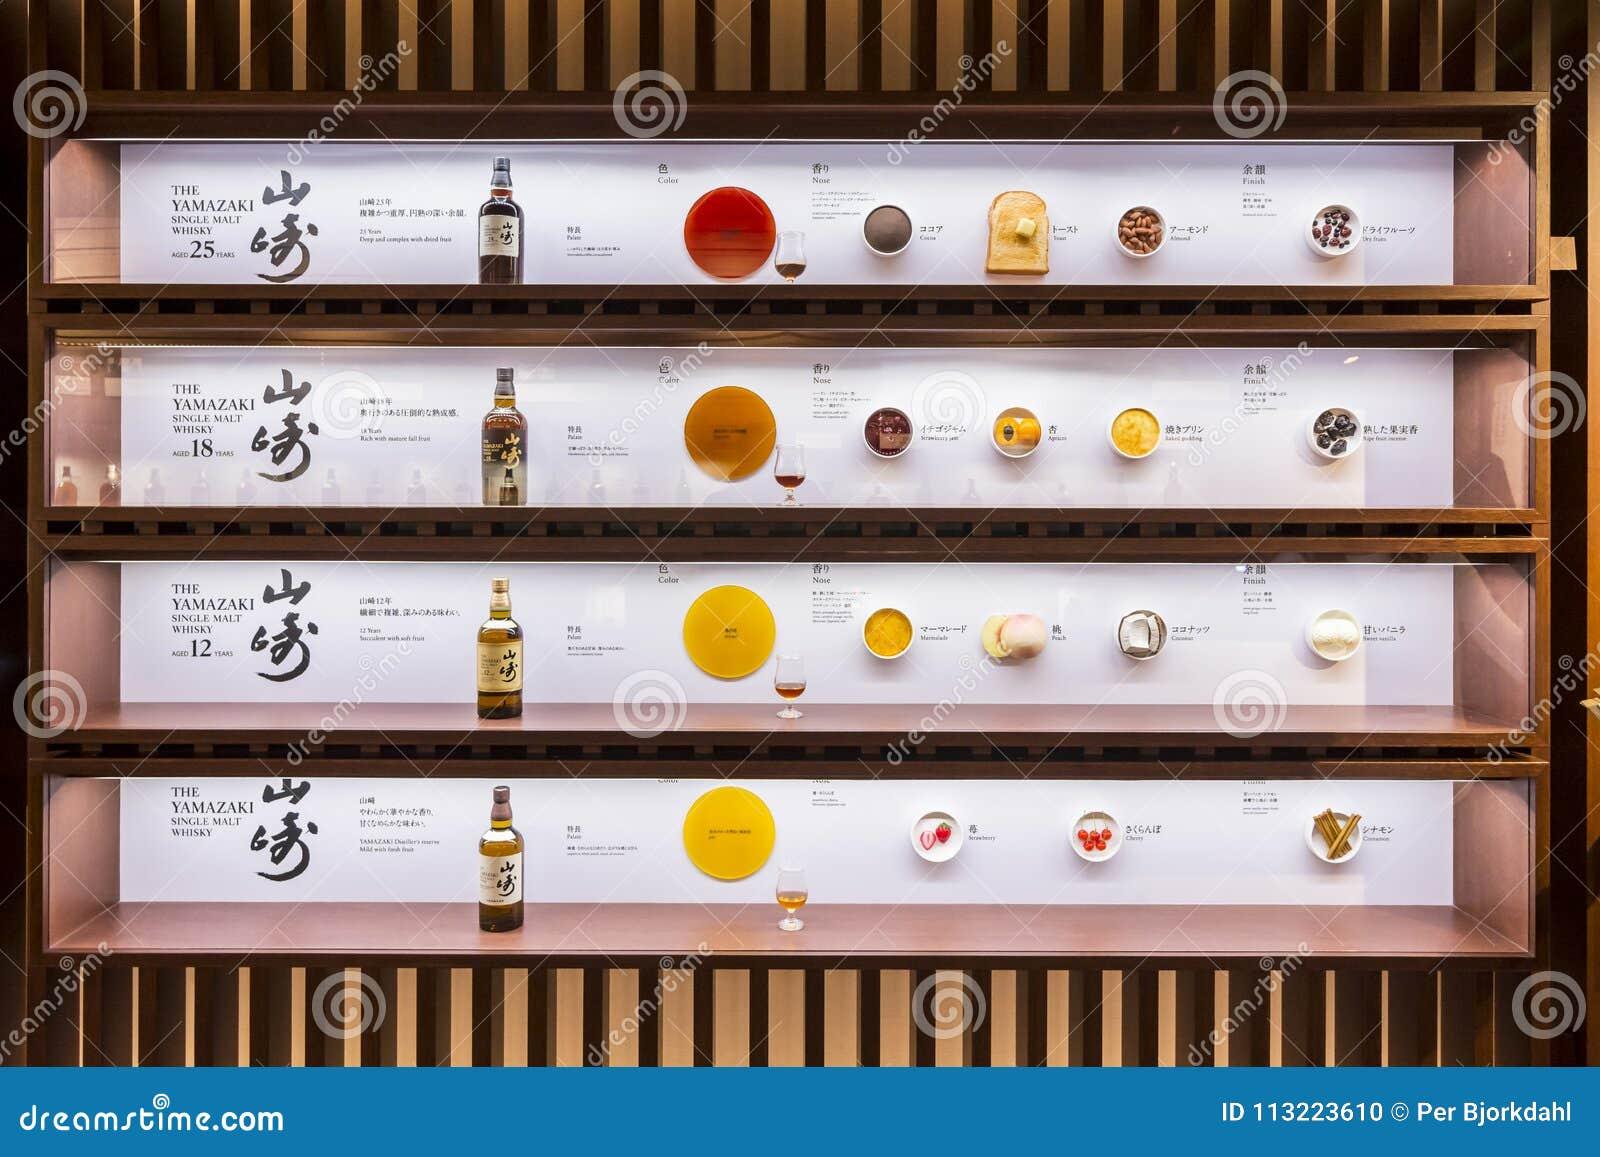 老化Suntory山崎威士忌酒博物馆日本